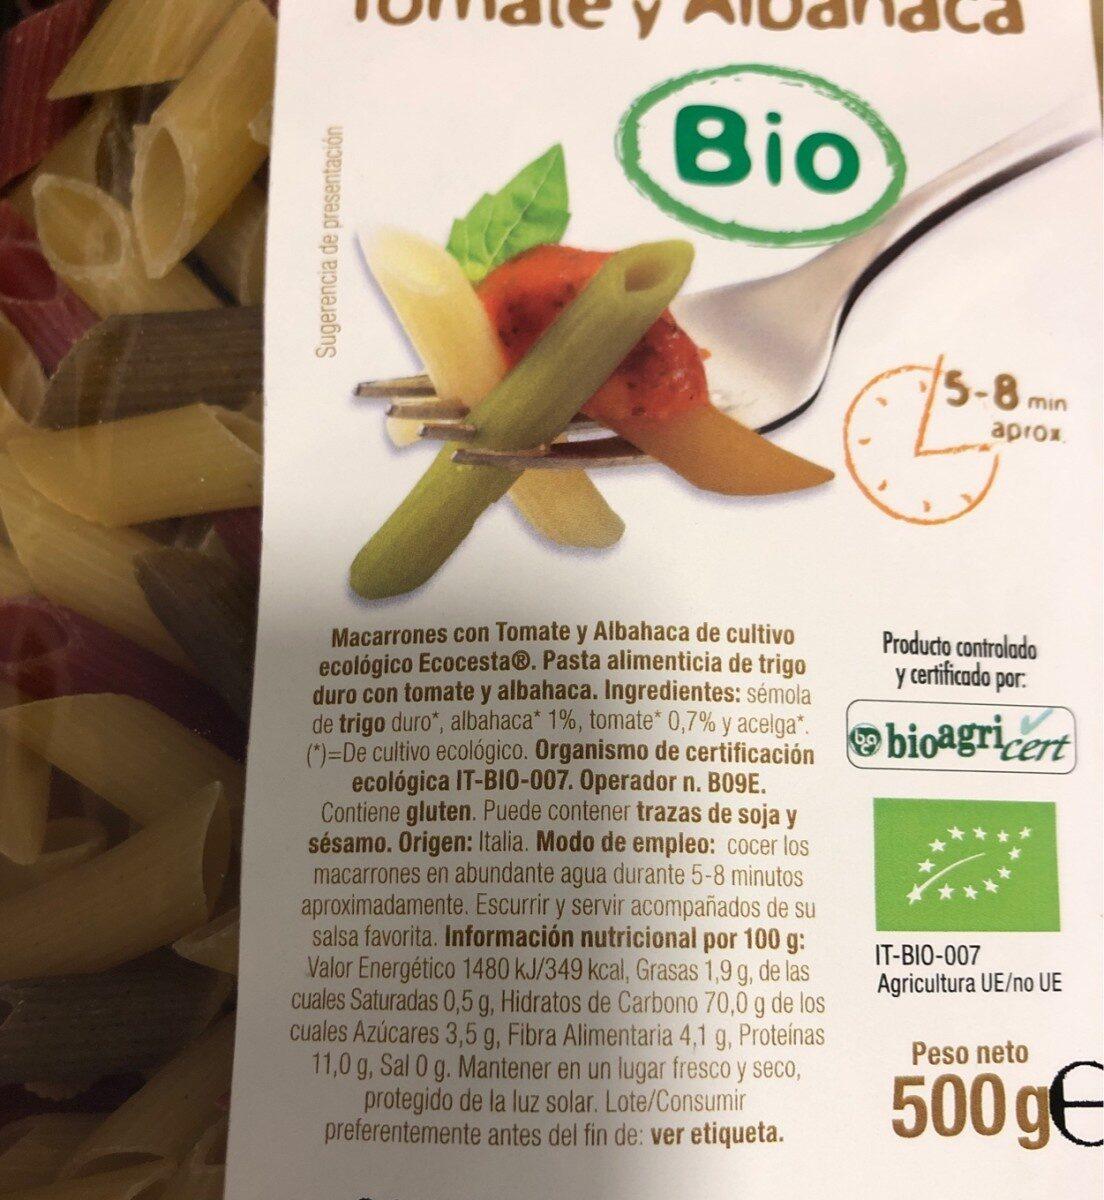 Macarrones Con Tomate Y Albahaca Ecológico - Producto